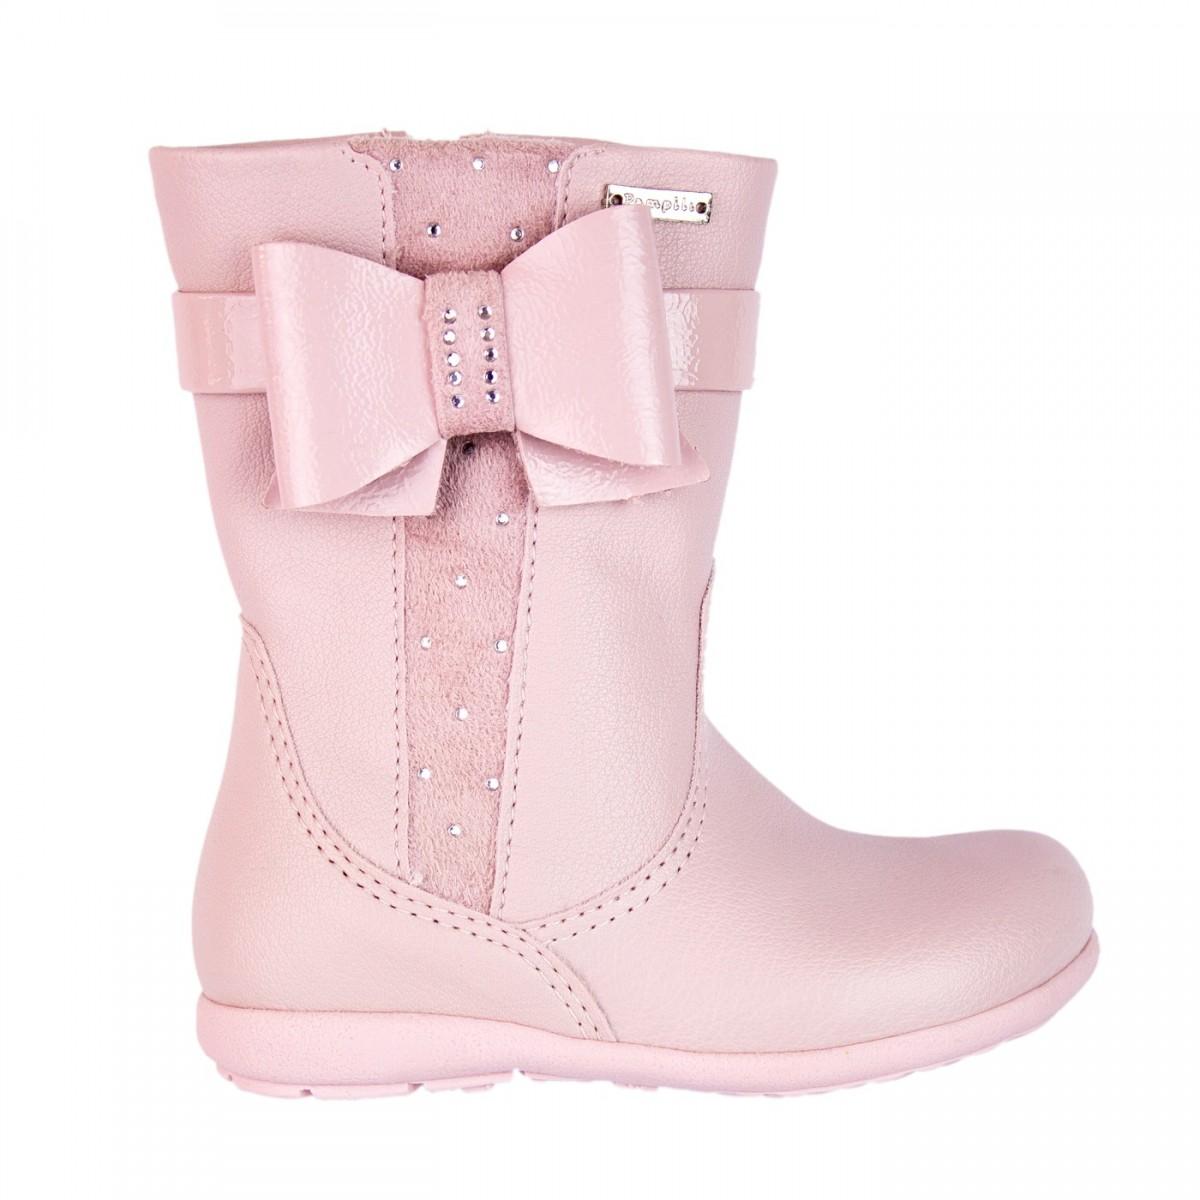 4c628e1f15 Bizz Store - Bota Infantil Feminina Pampili Alice Rosa Couro